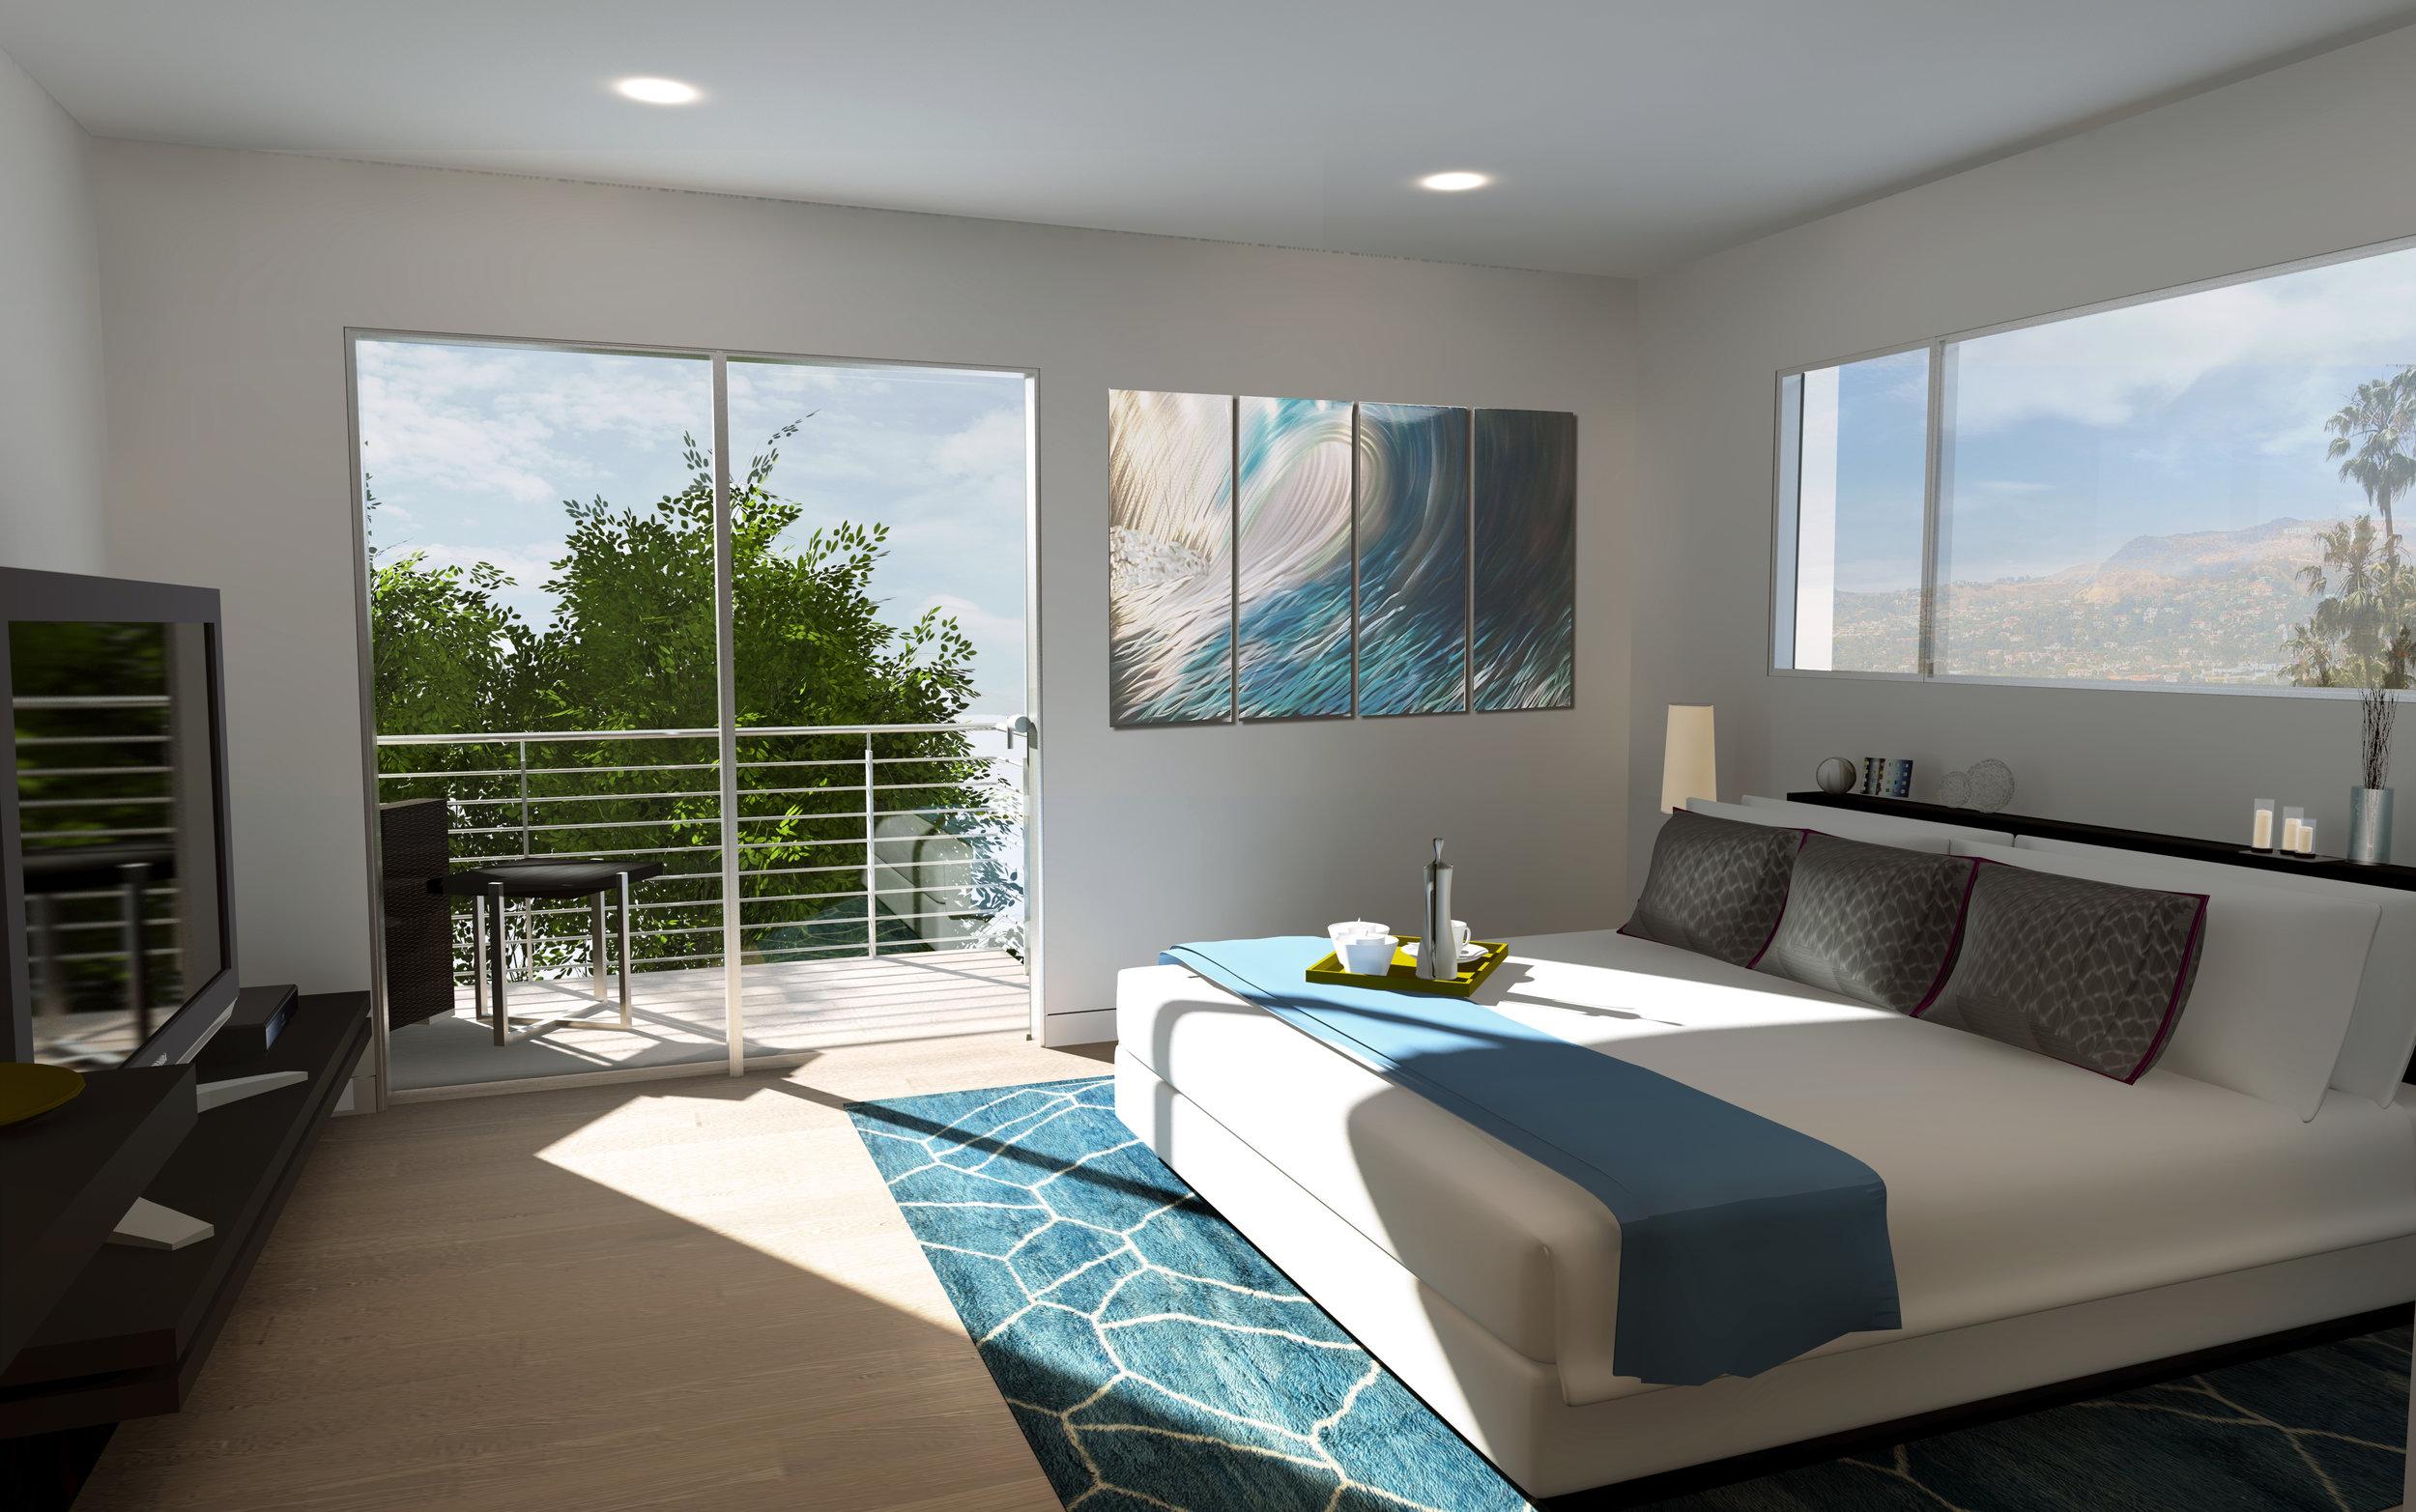 Copy of 08_REND_Bedroom.jpg